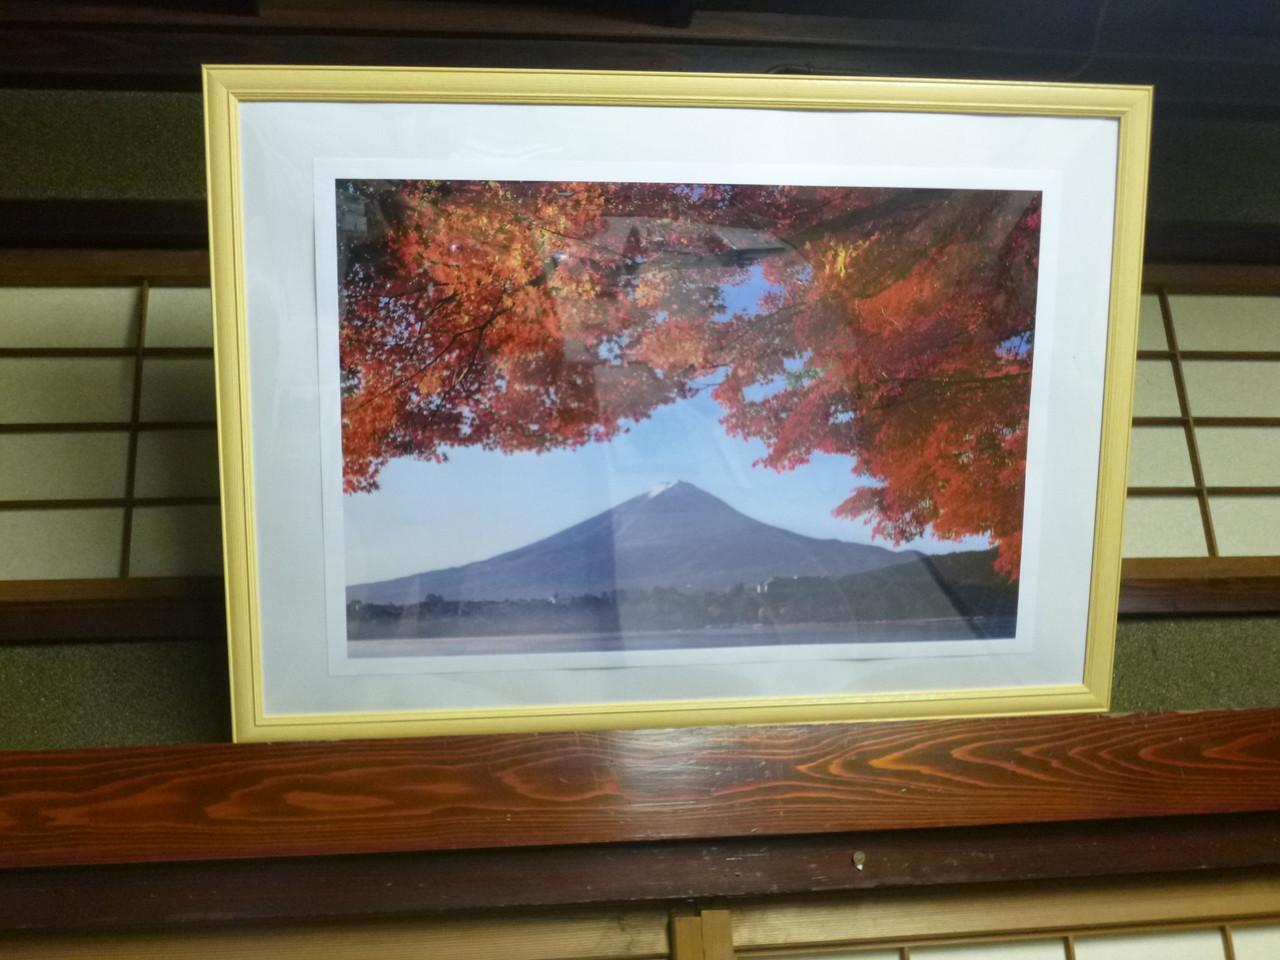 富士山の写真をデジカメで撮りました。